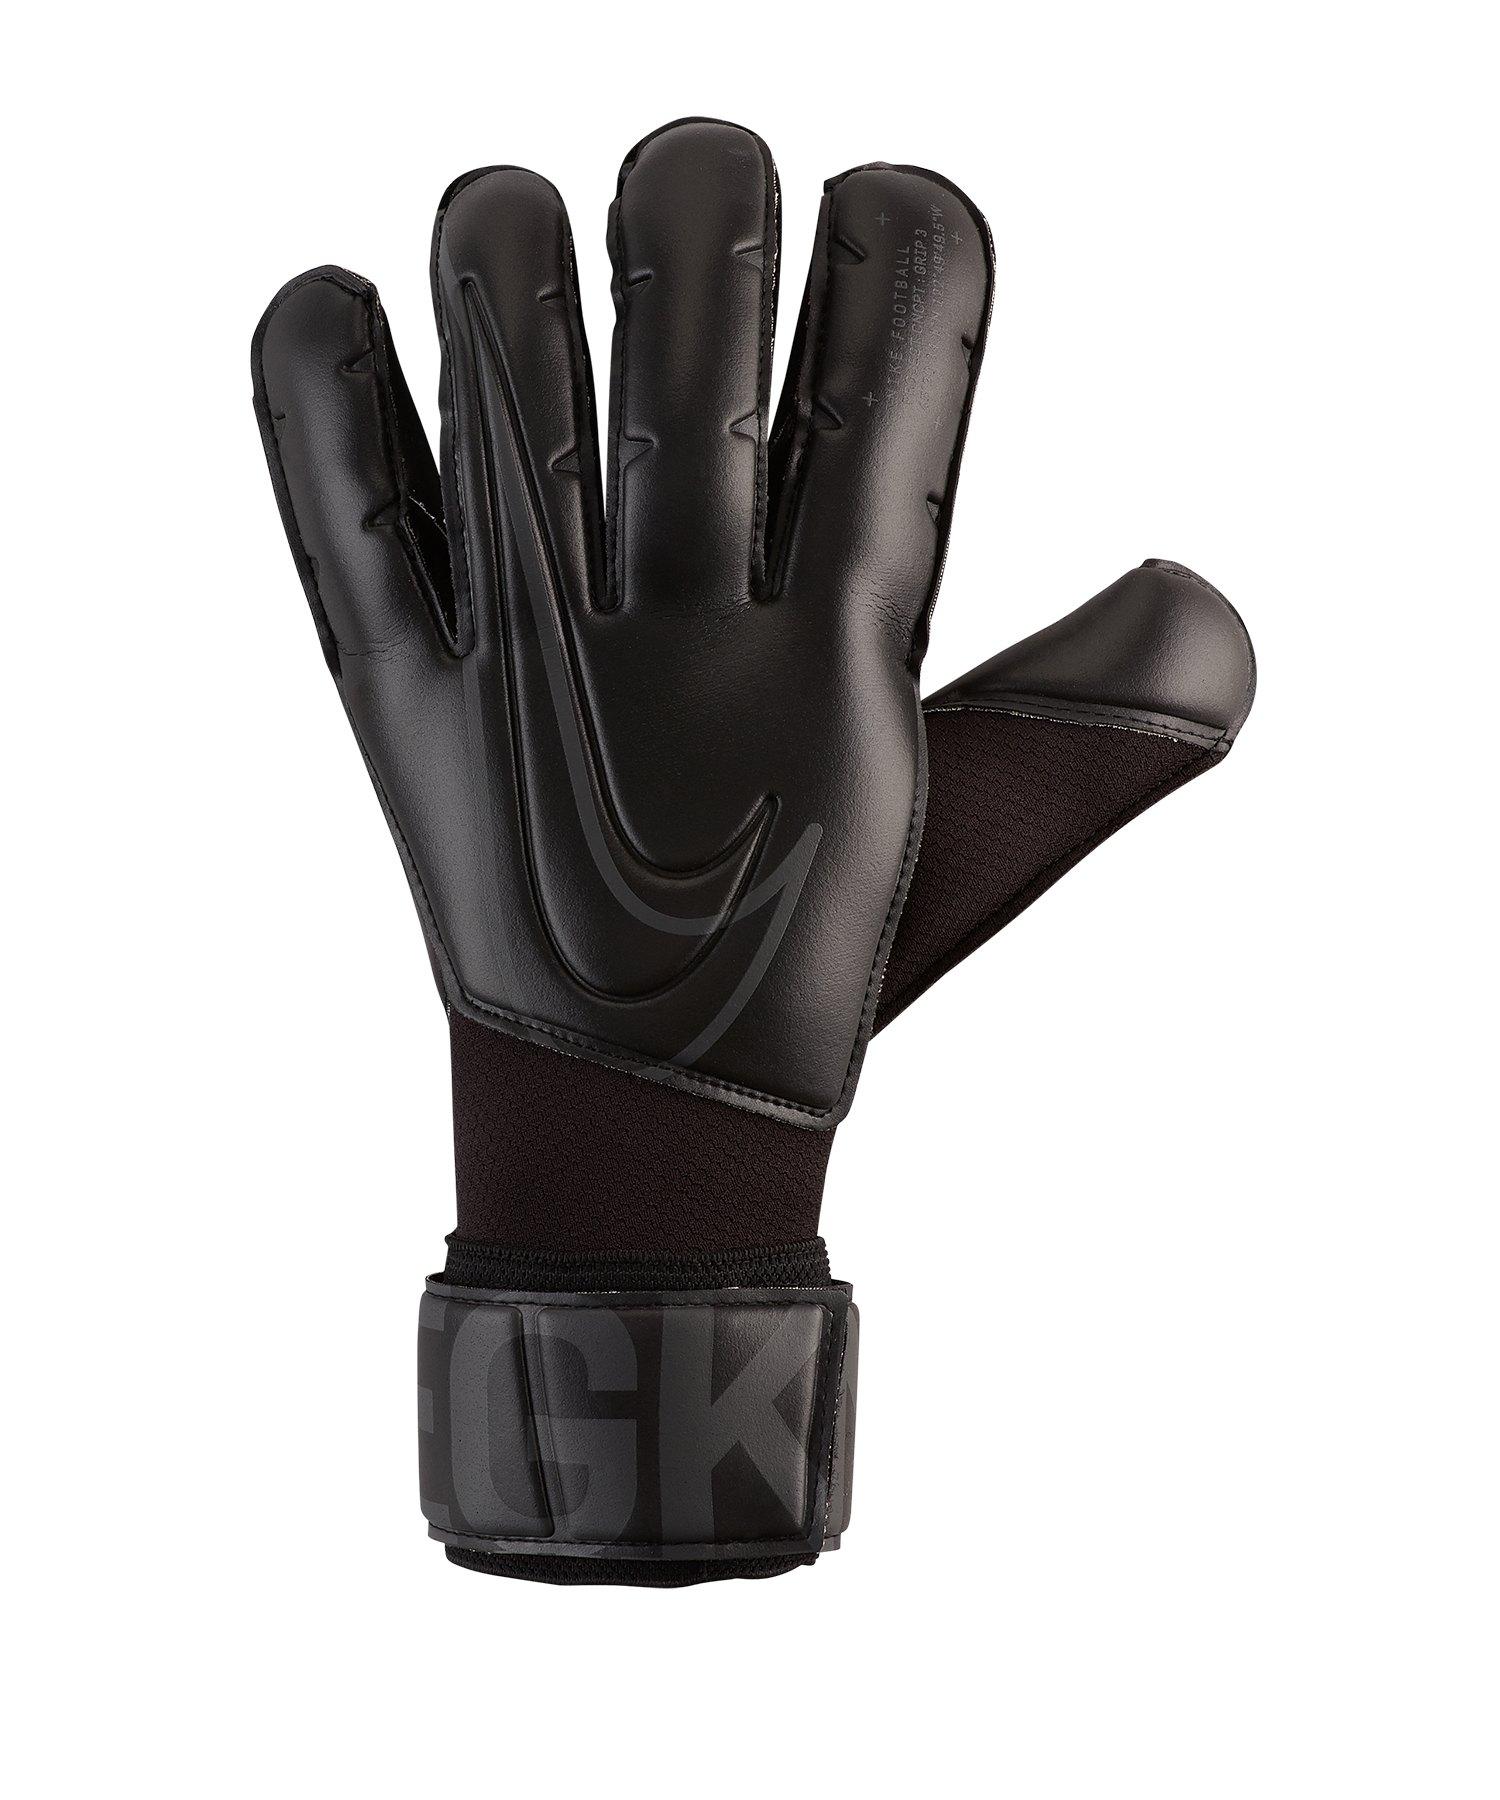 Nike Grip 3 Torwarthandschuh Schwarz F010 - schwarz